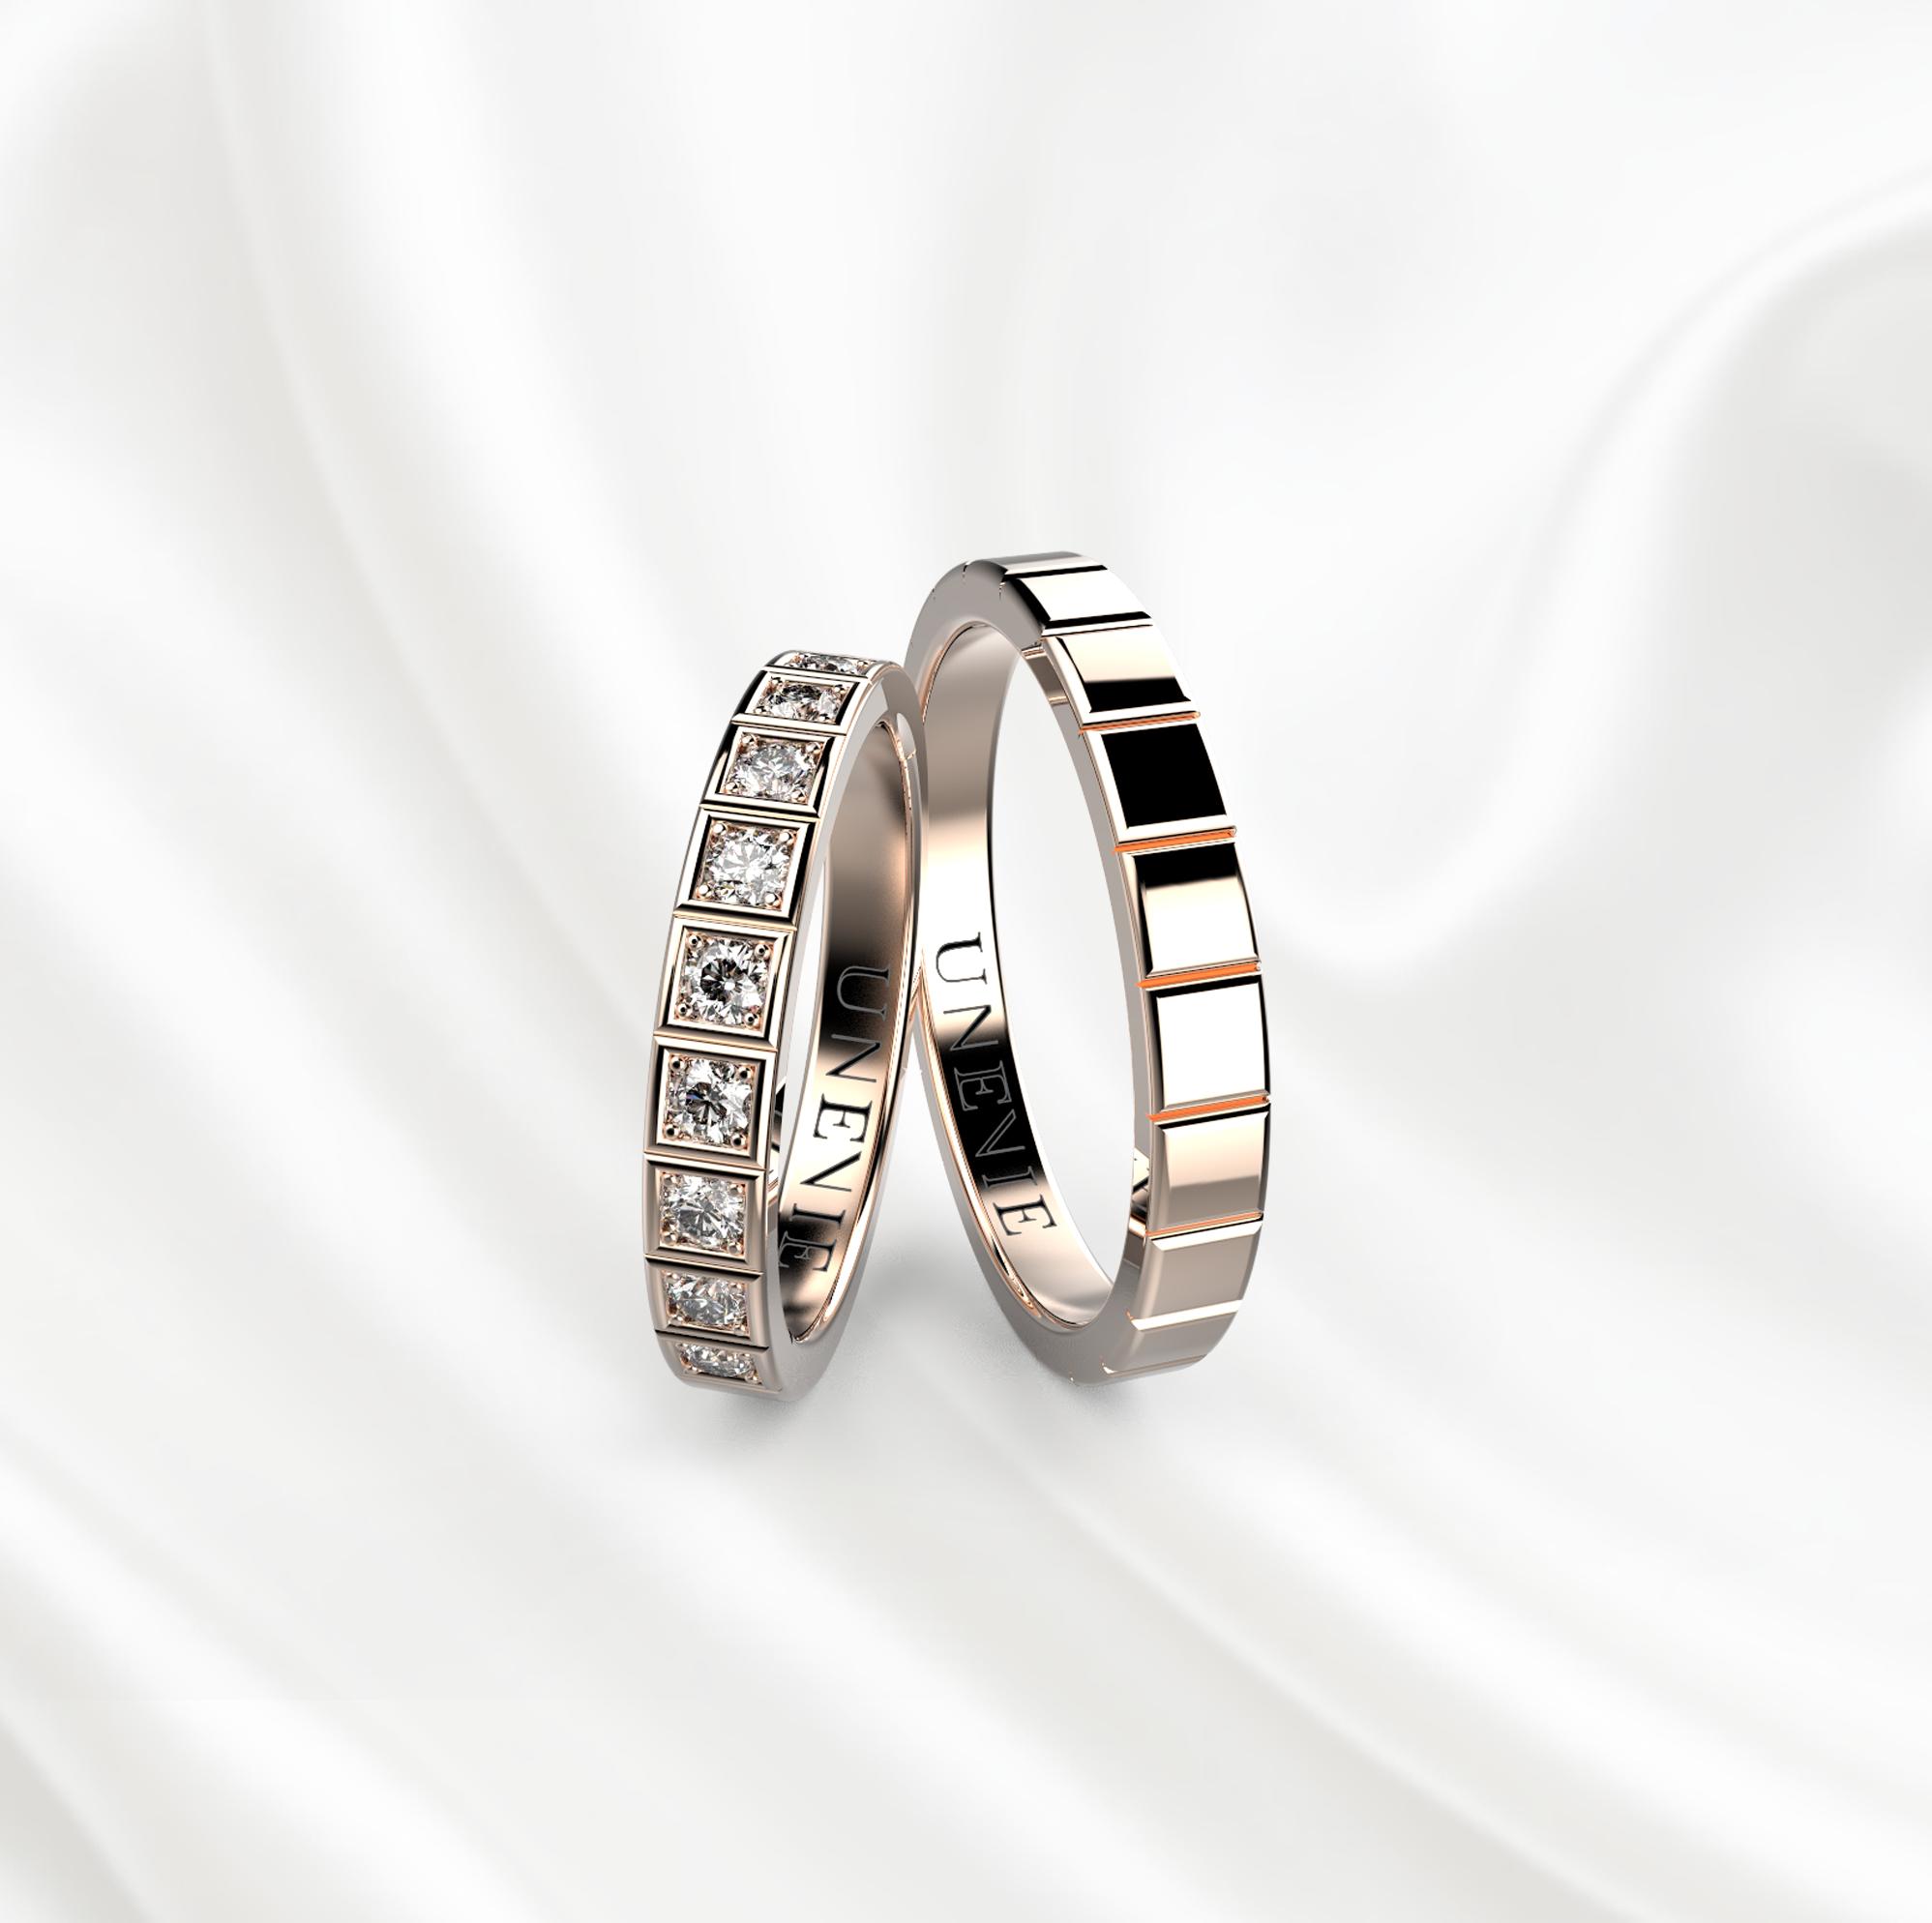 NV26 Обручальные кольца из розового золота с бриллиантами